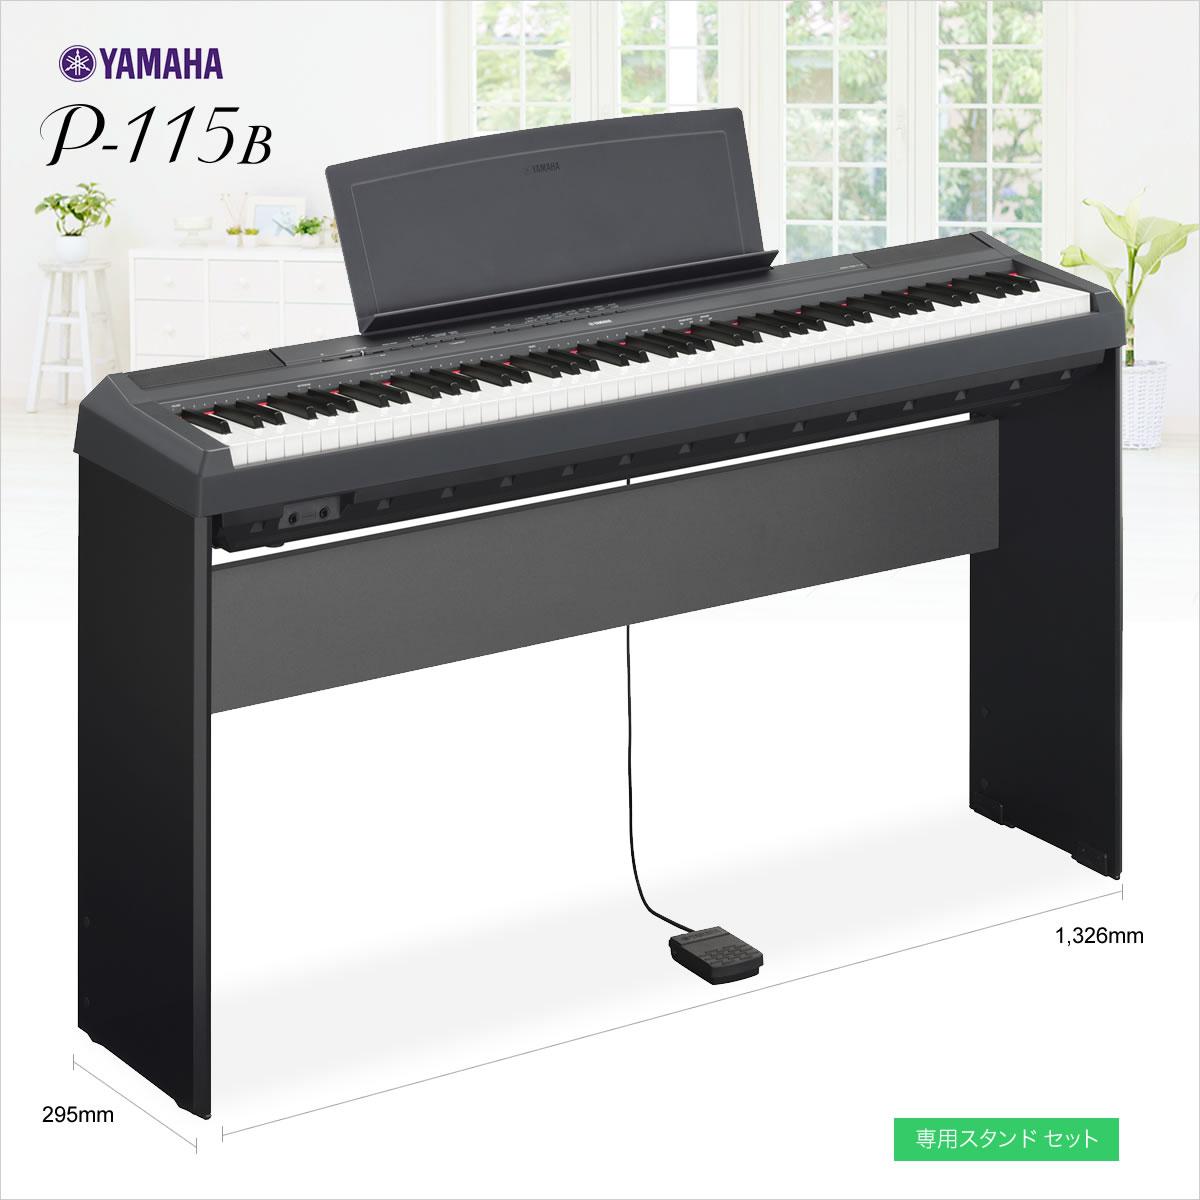 YAMAHA P-115B ブラック & 専用スタンドセット 電子ピアノ 88鍵盤 【ヤマハ P115】 【オンライン限定】【別売り延長保証対応プラン:E】